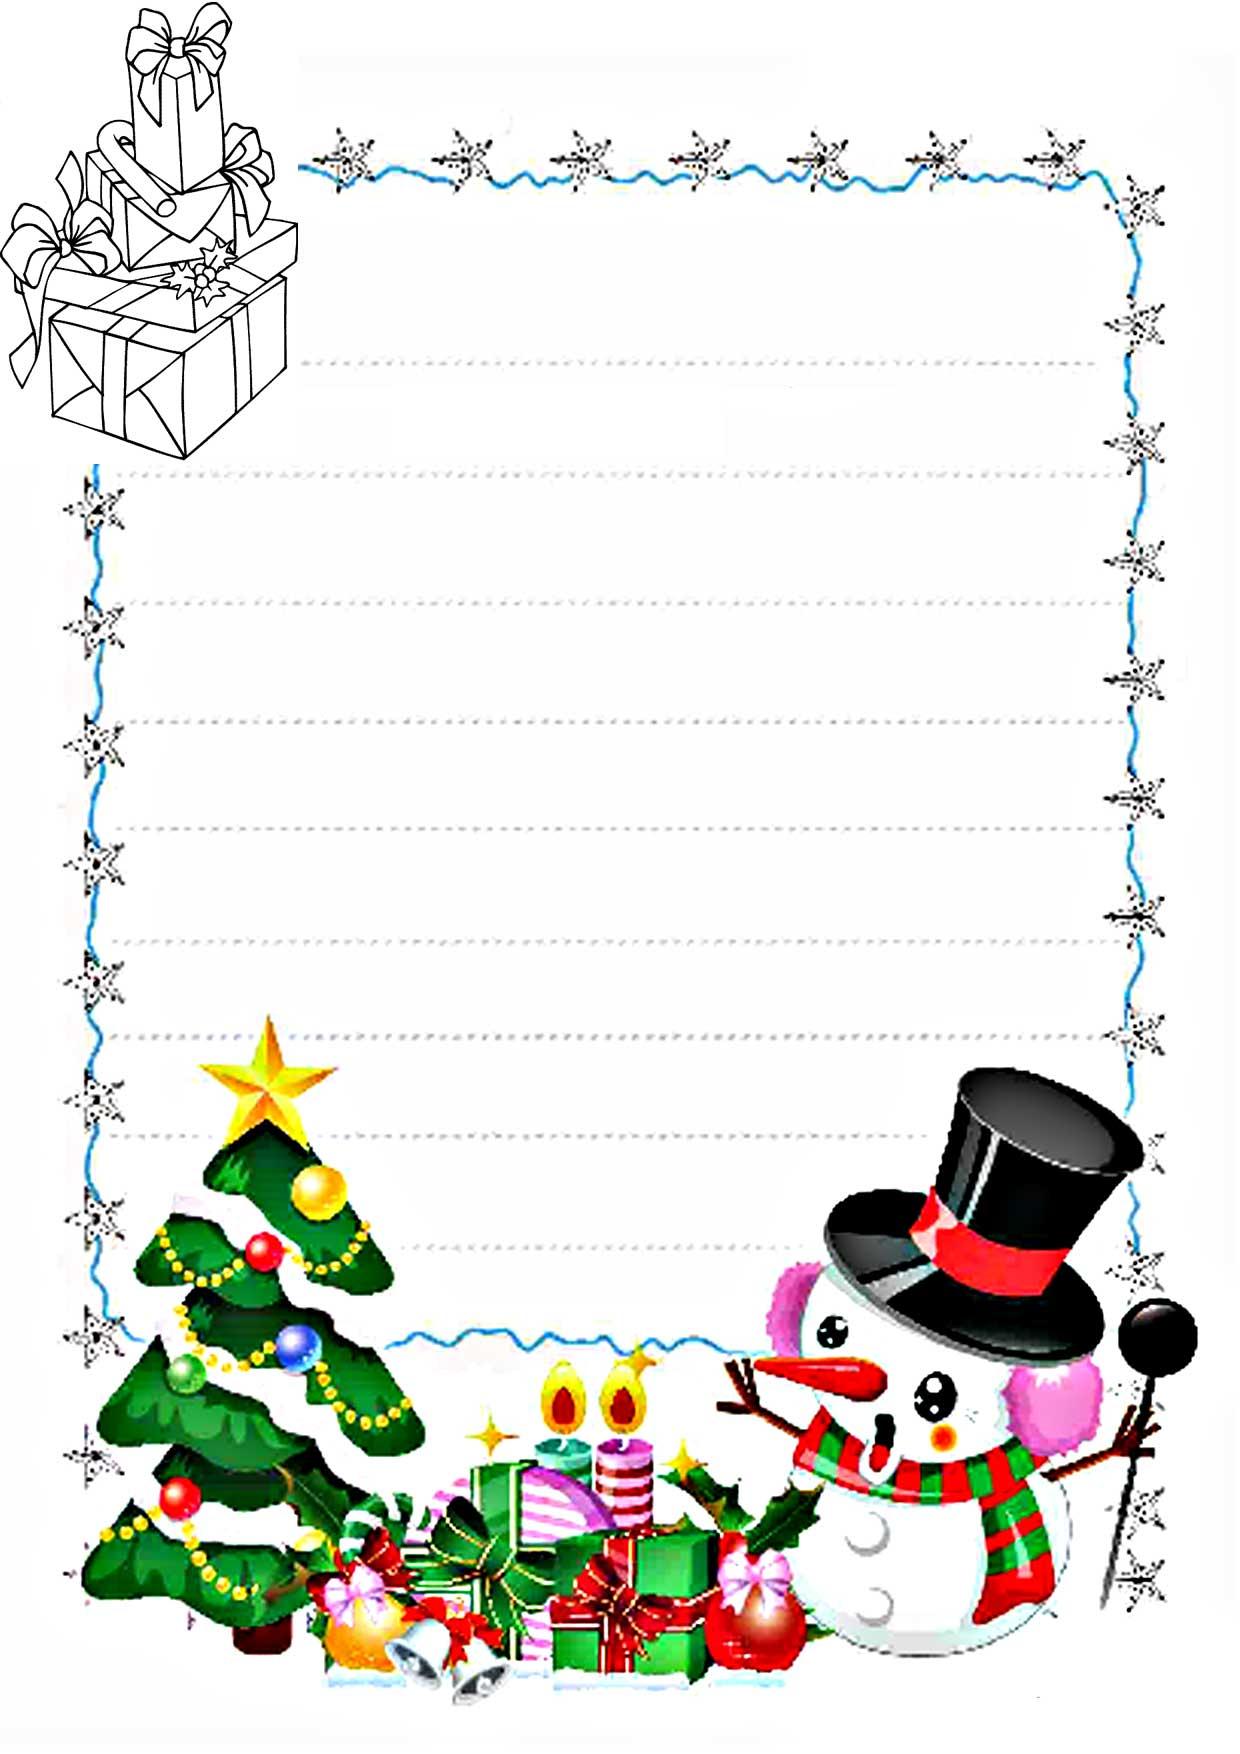 Открытки на новый год распечатать со строчками, картинках надписью